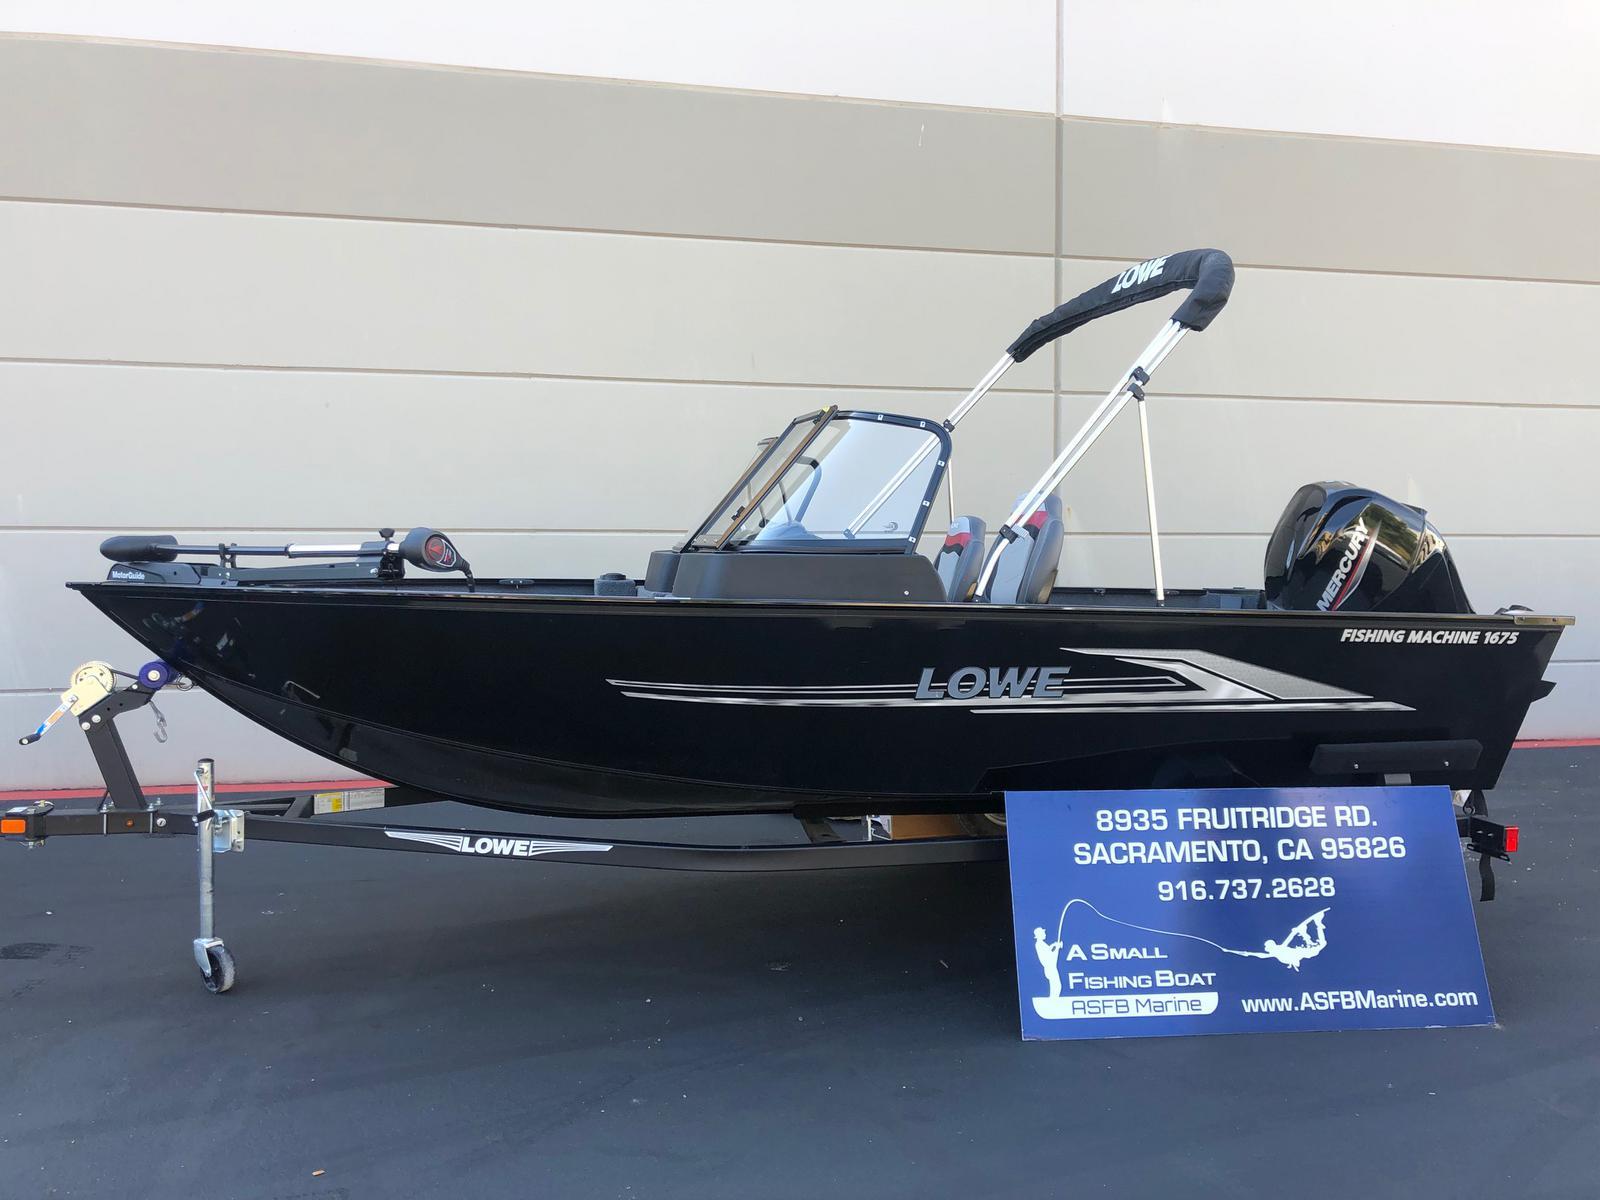 Inventory ASFB Marine Sacramento, CA (916) 737-2628